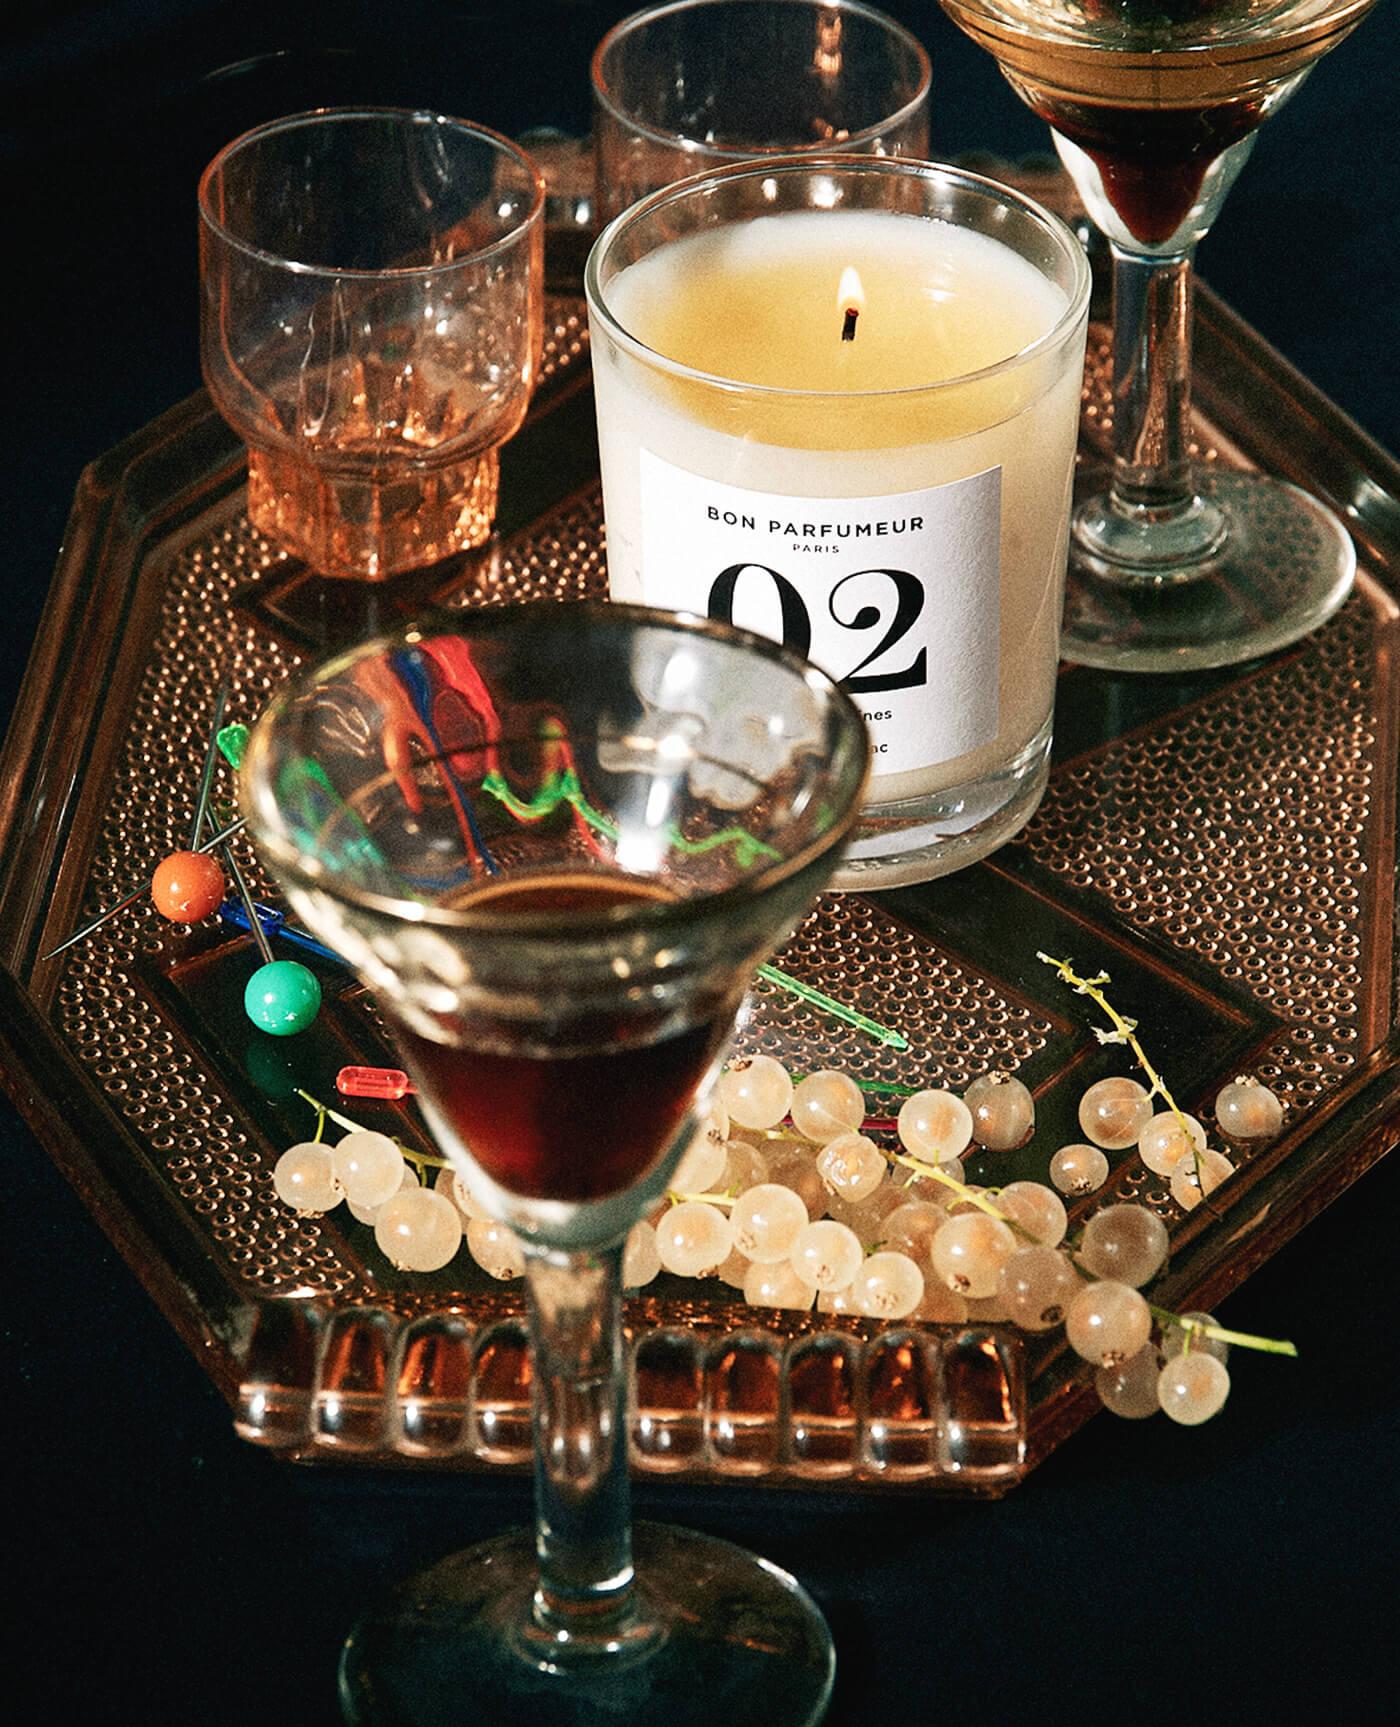 bougie 02 graine de coriandre, miel et feuilles de tabac made in France de la marque Bon parfumeur